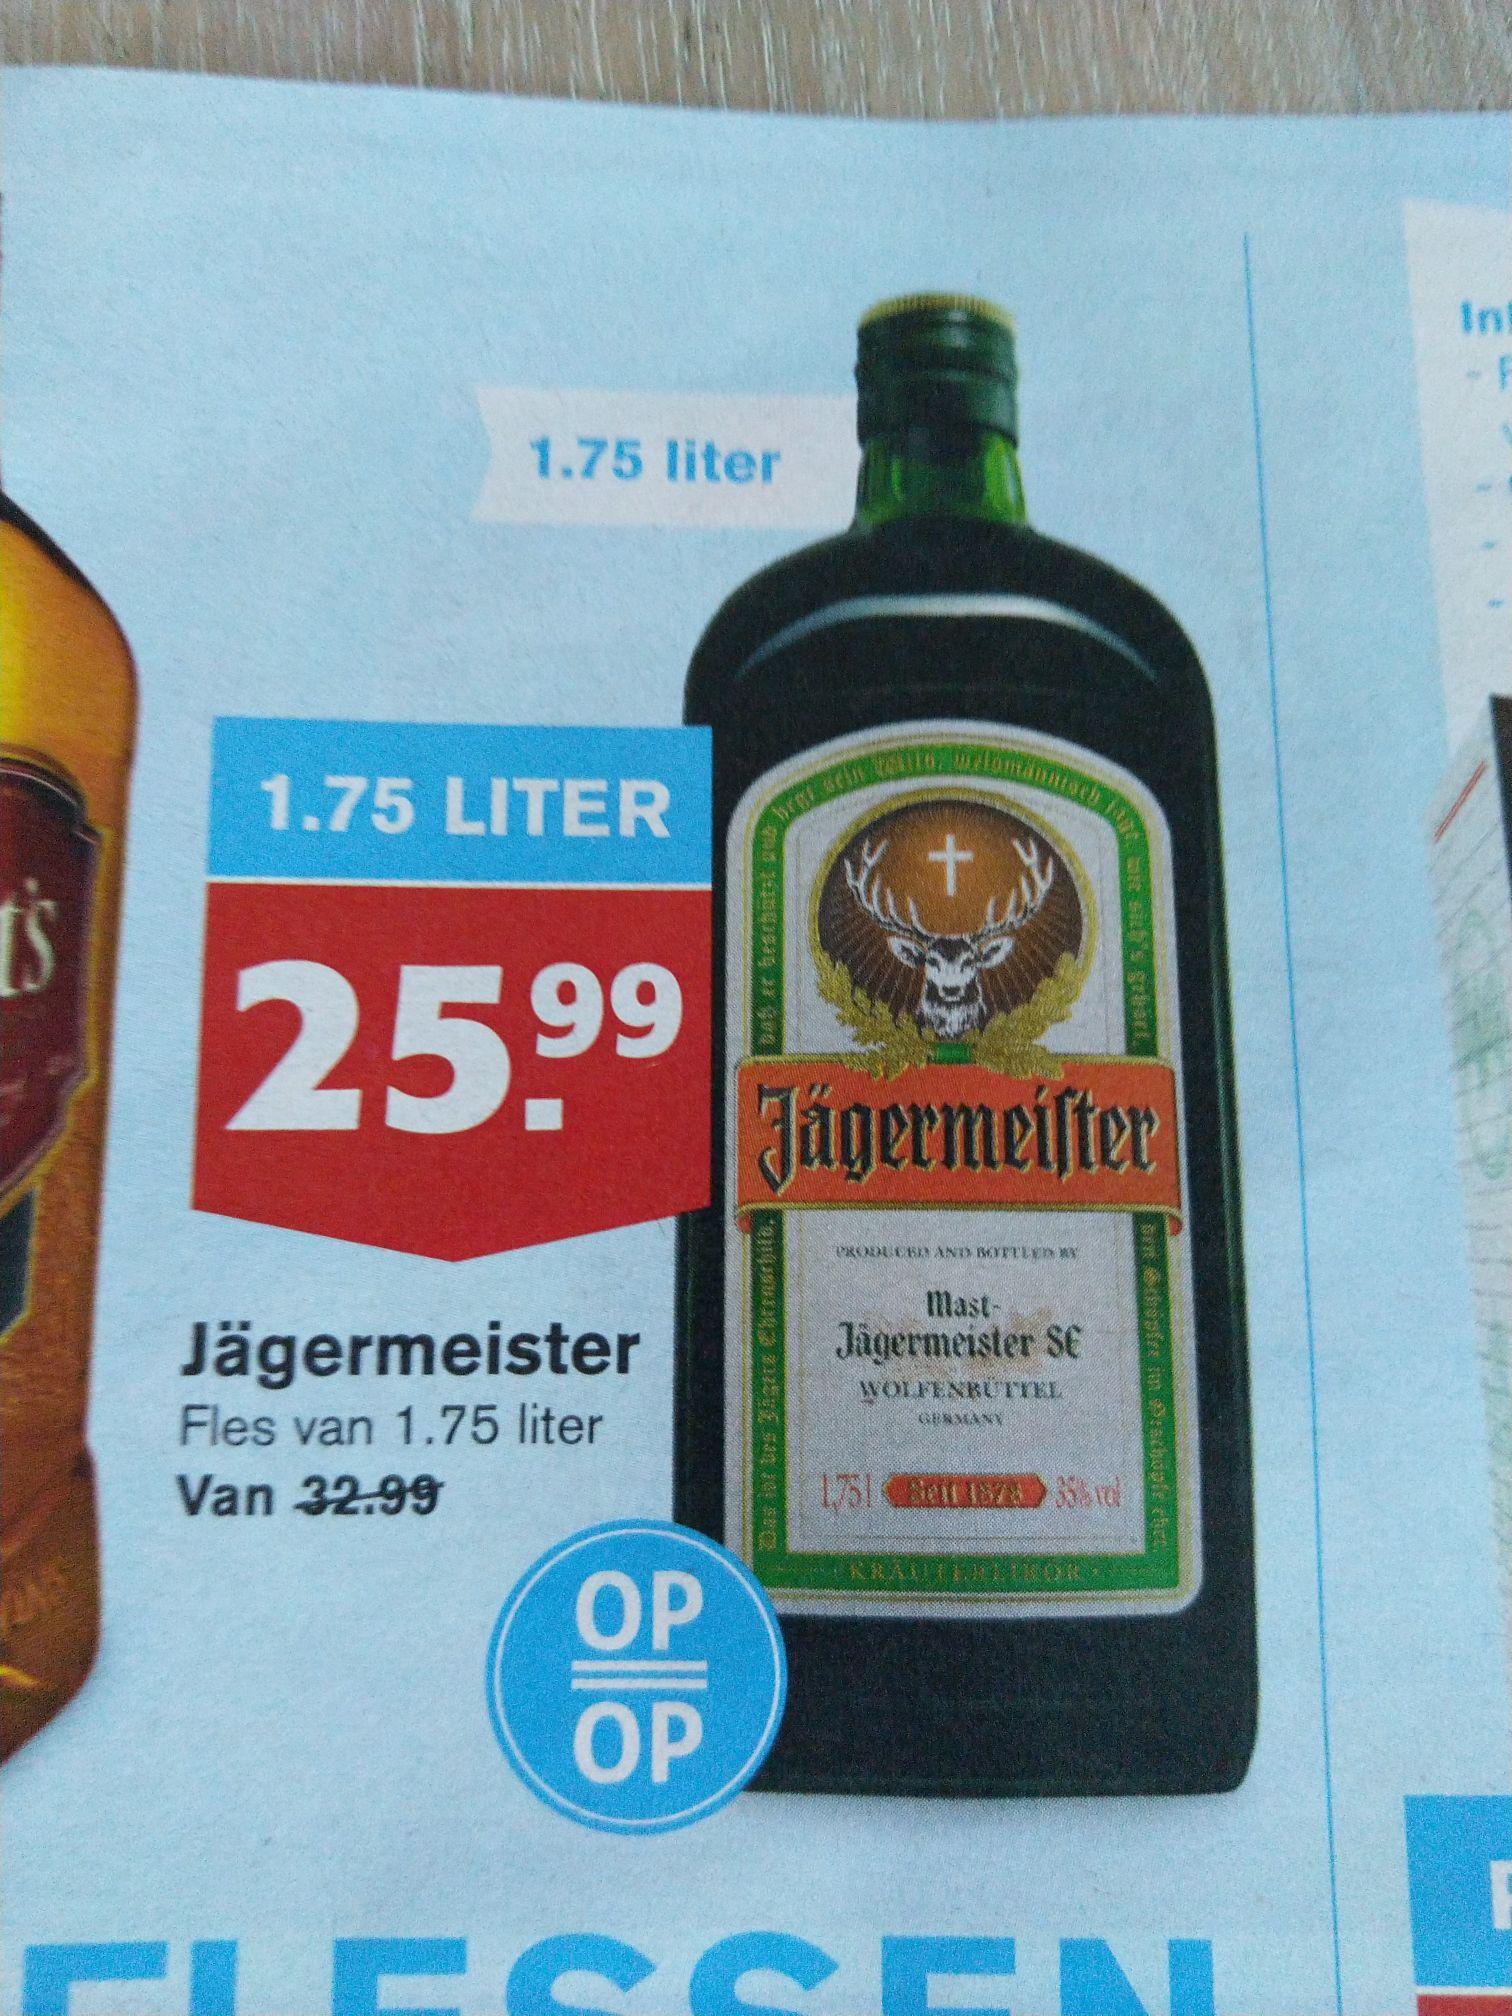 1,75 literfles Jägermeister